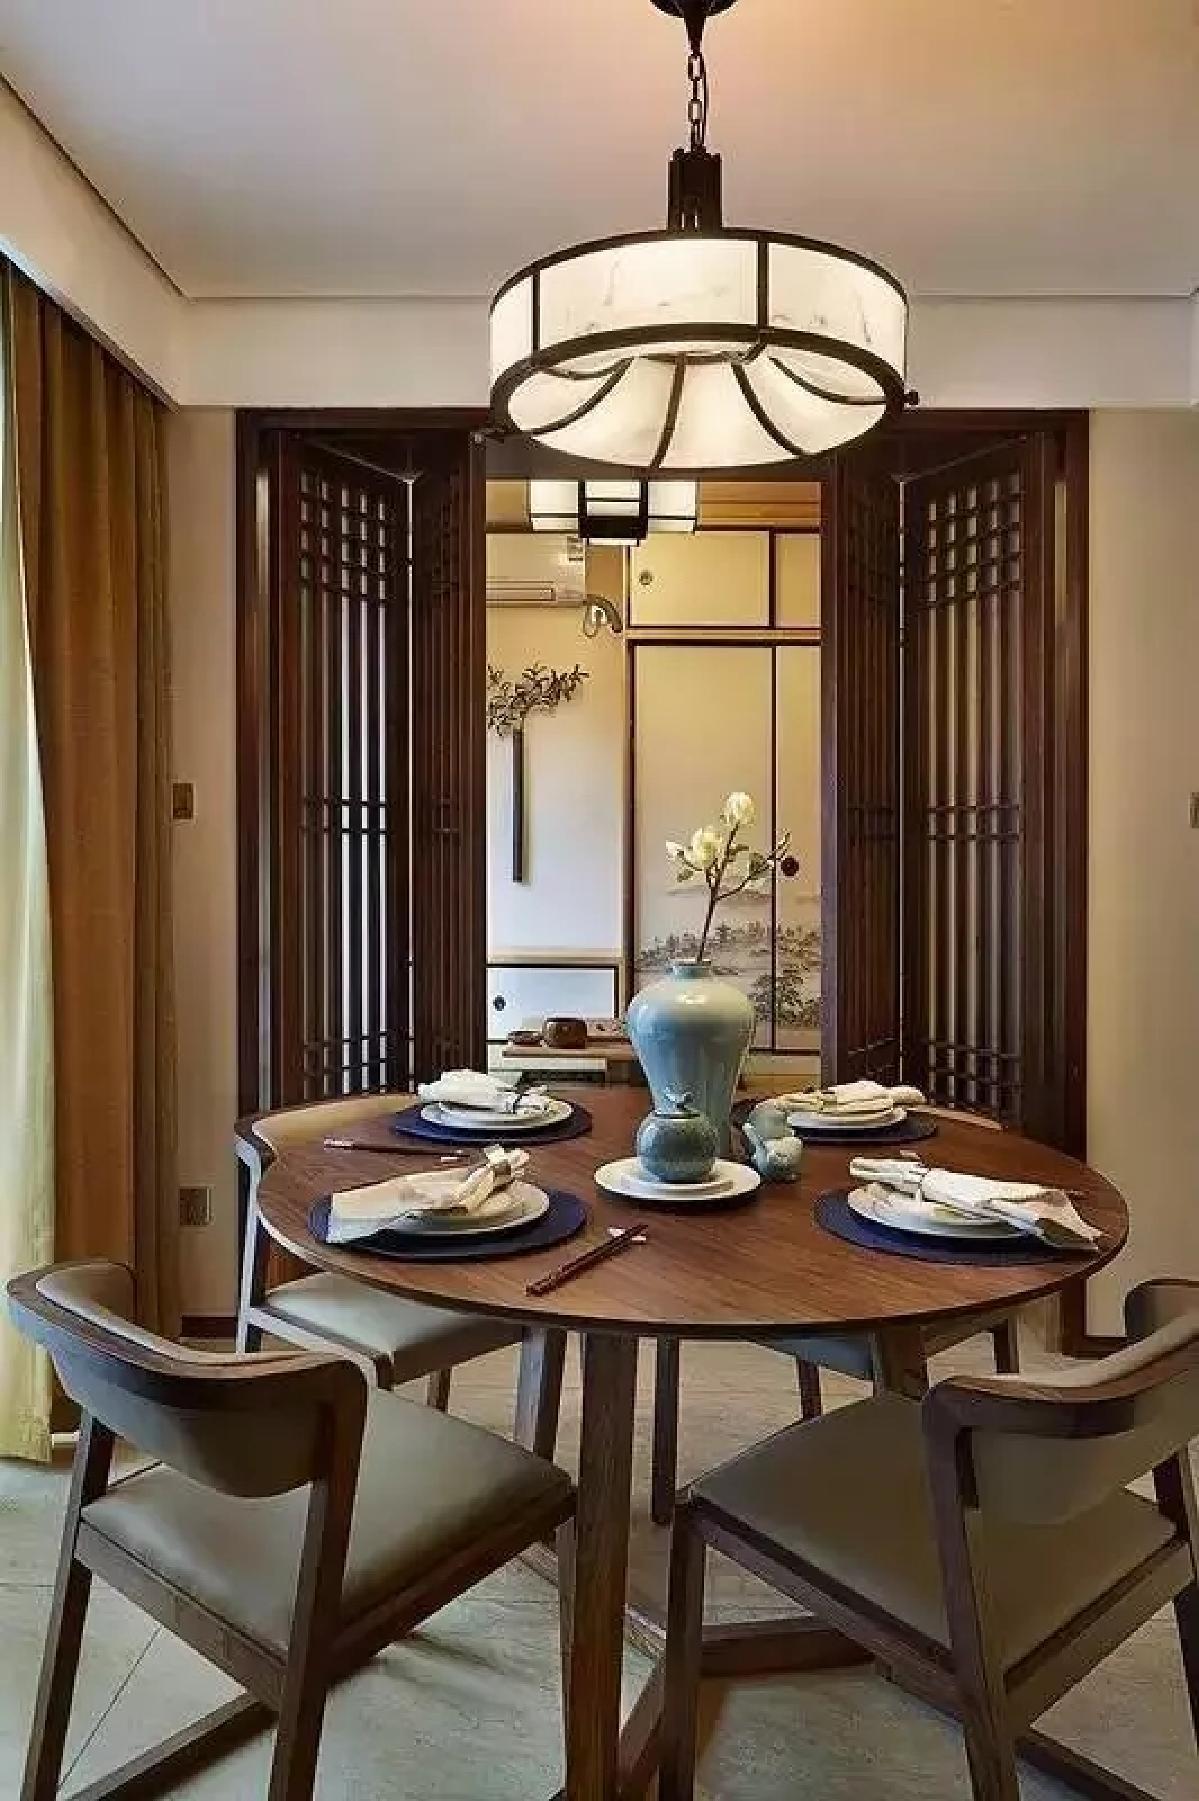 餐厅边上的小房间设计成榻榻米的茶室.图片